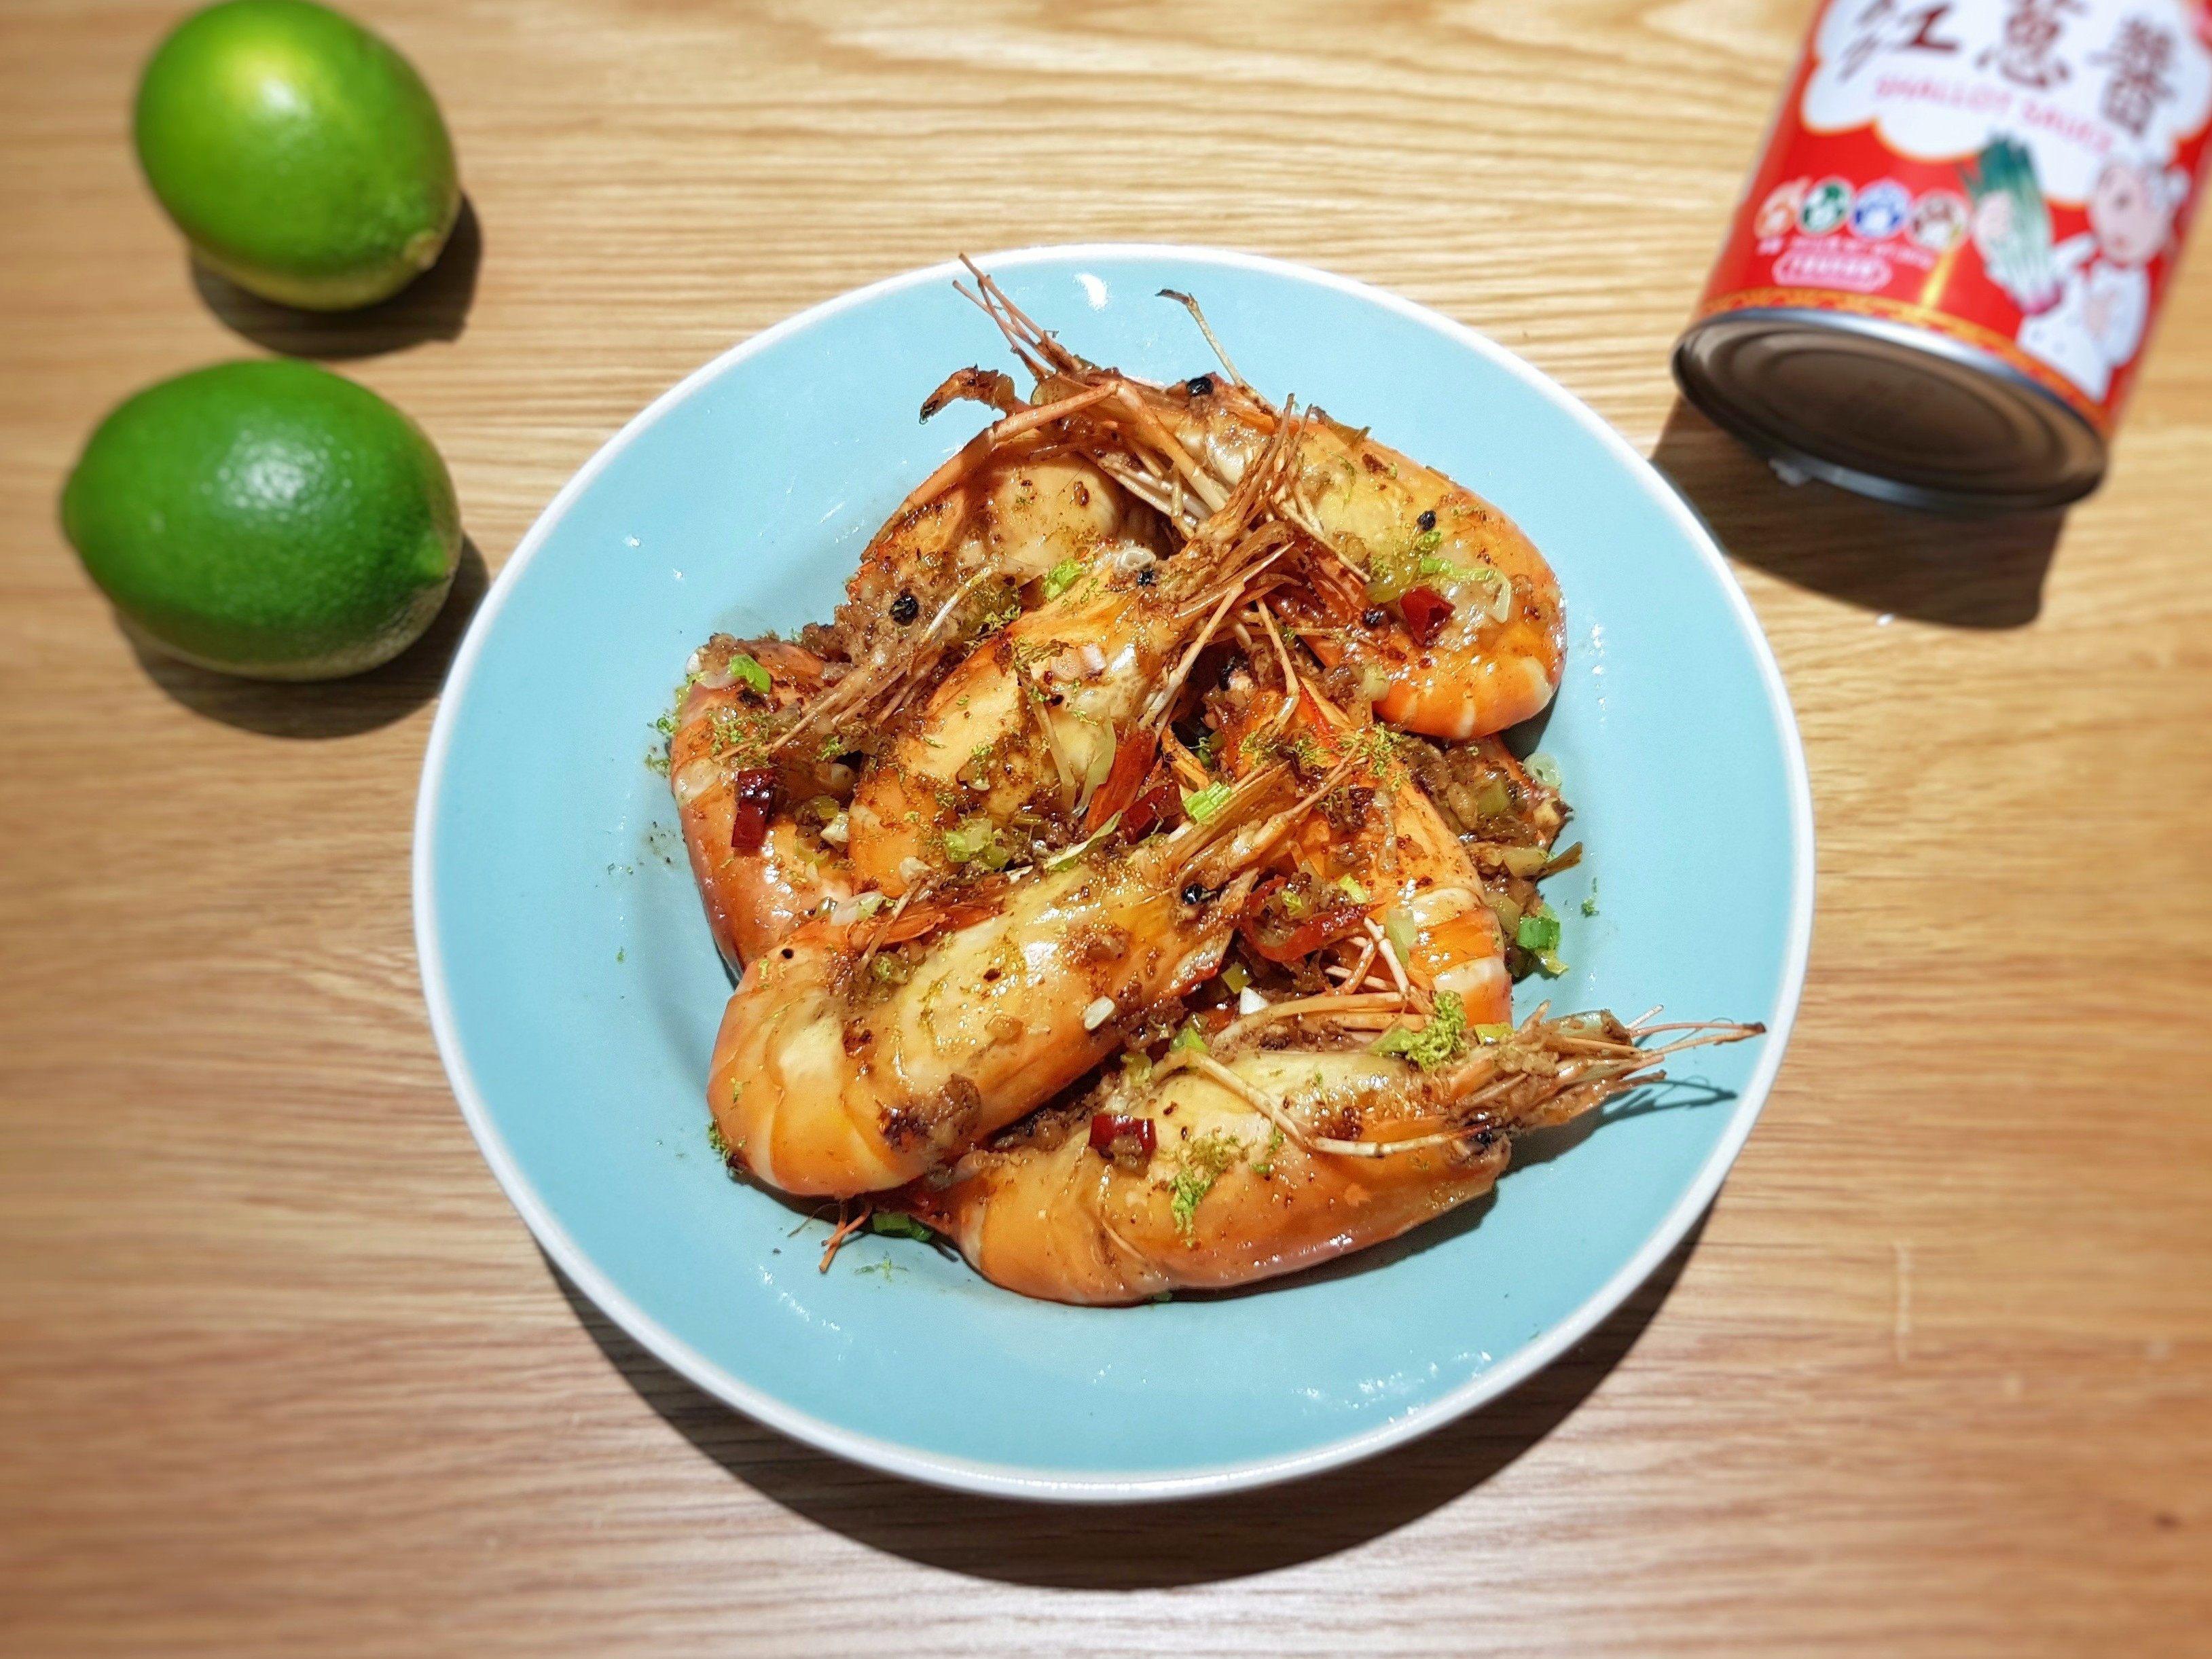 紅蔥醬爆檸檬泰國蝦 (牛頭牌紅蔥醬)